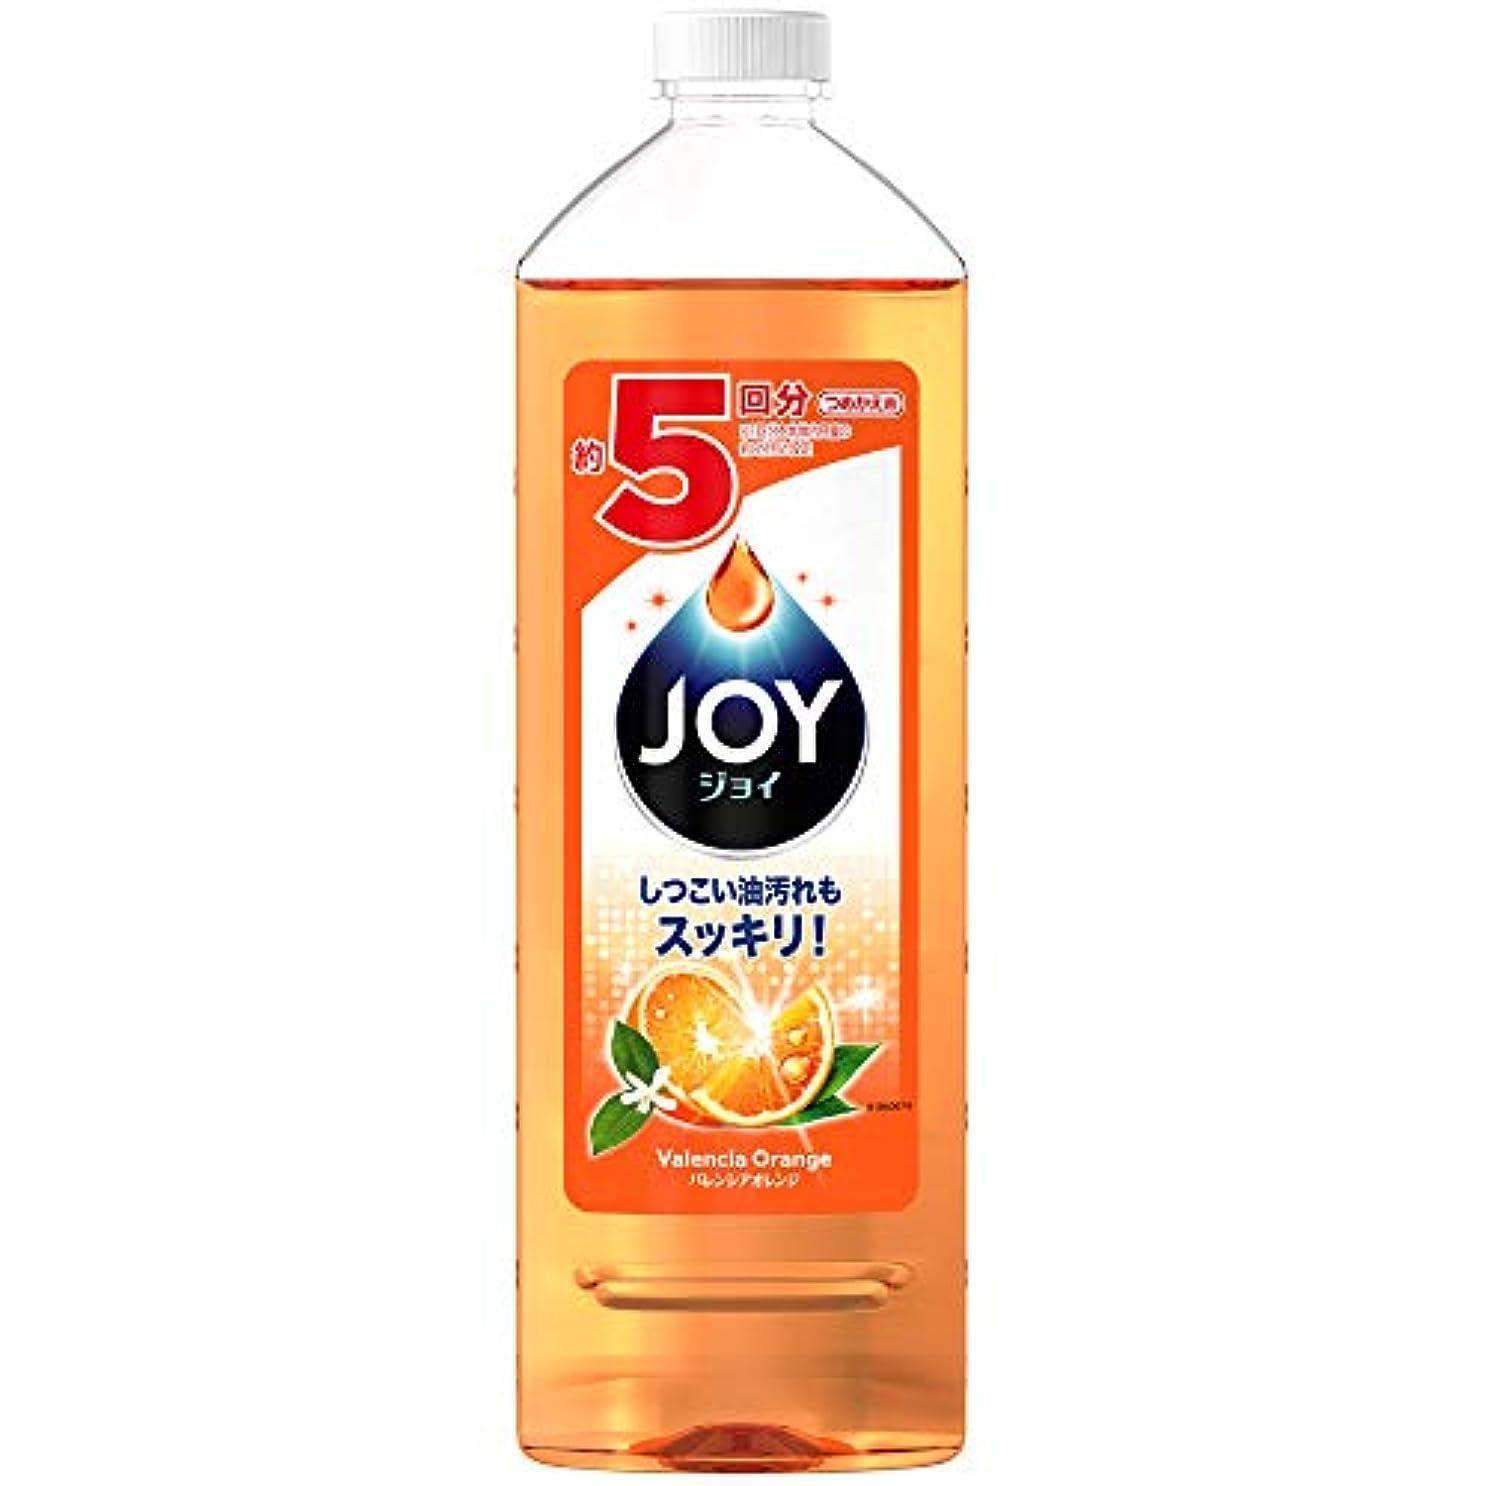 名目上の処方共産主義ジョイコンパクト 食器用洗剤 バレンシアオレンジの香り 詰め替え 特大 770mL